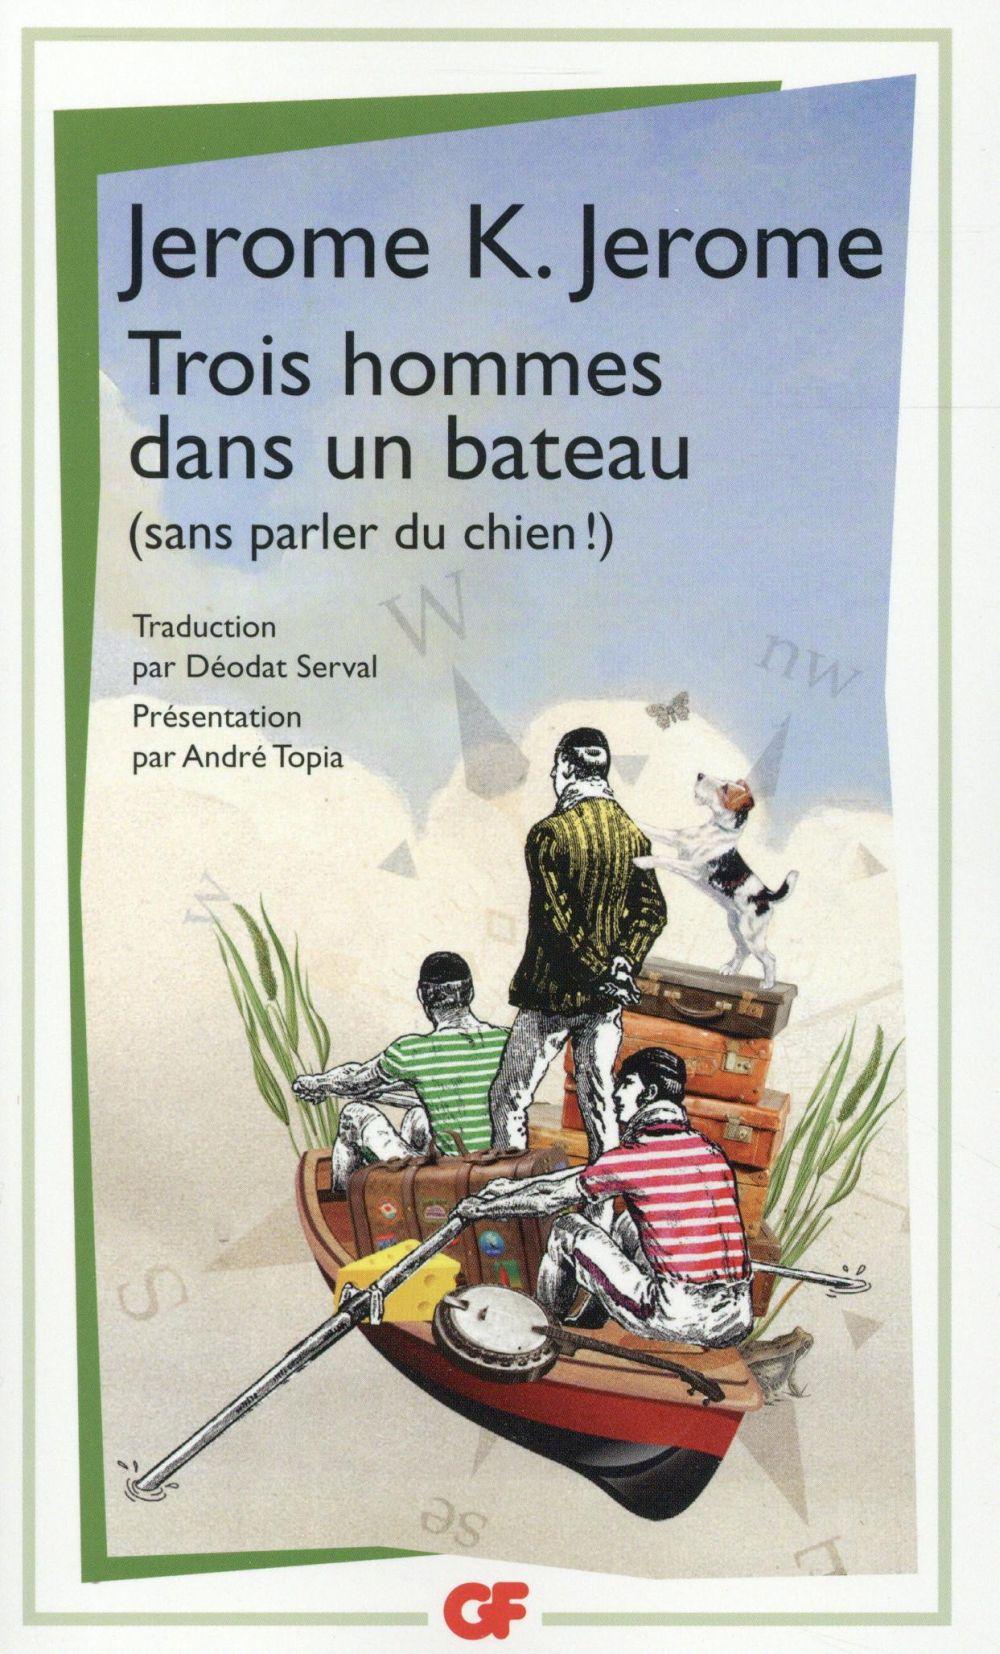 TROIS HOMMES DANS UN BATEAU - (SANS PARLER DU CHIEN !) Jerome Jerome K. Flammarion